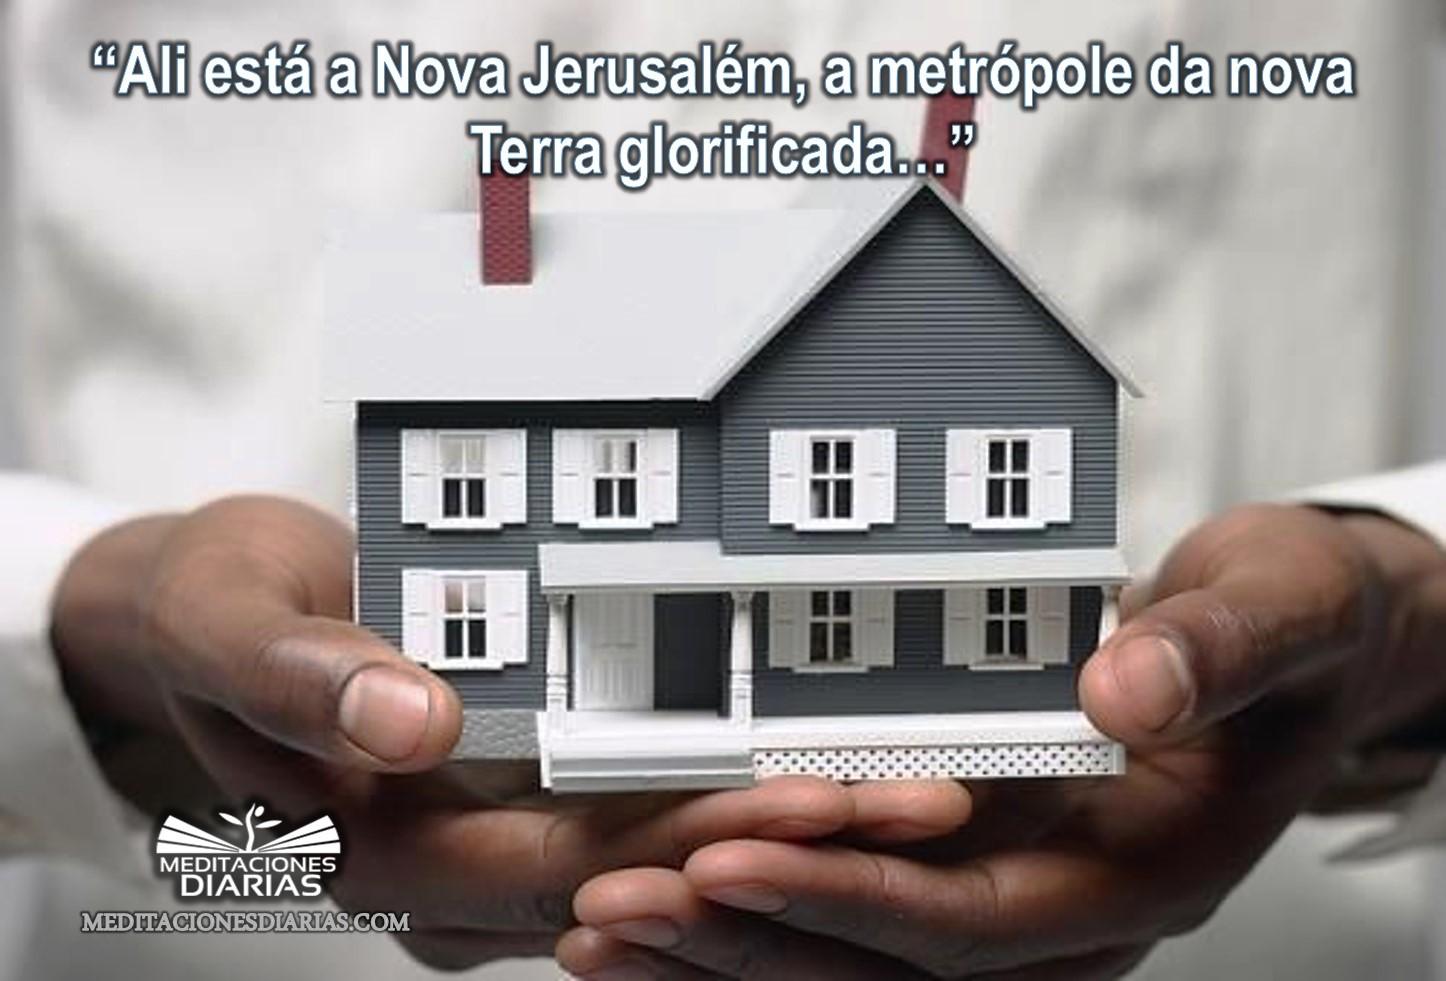 Um lar na Nova Jerusalém